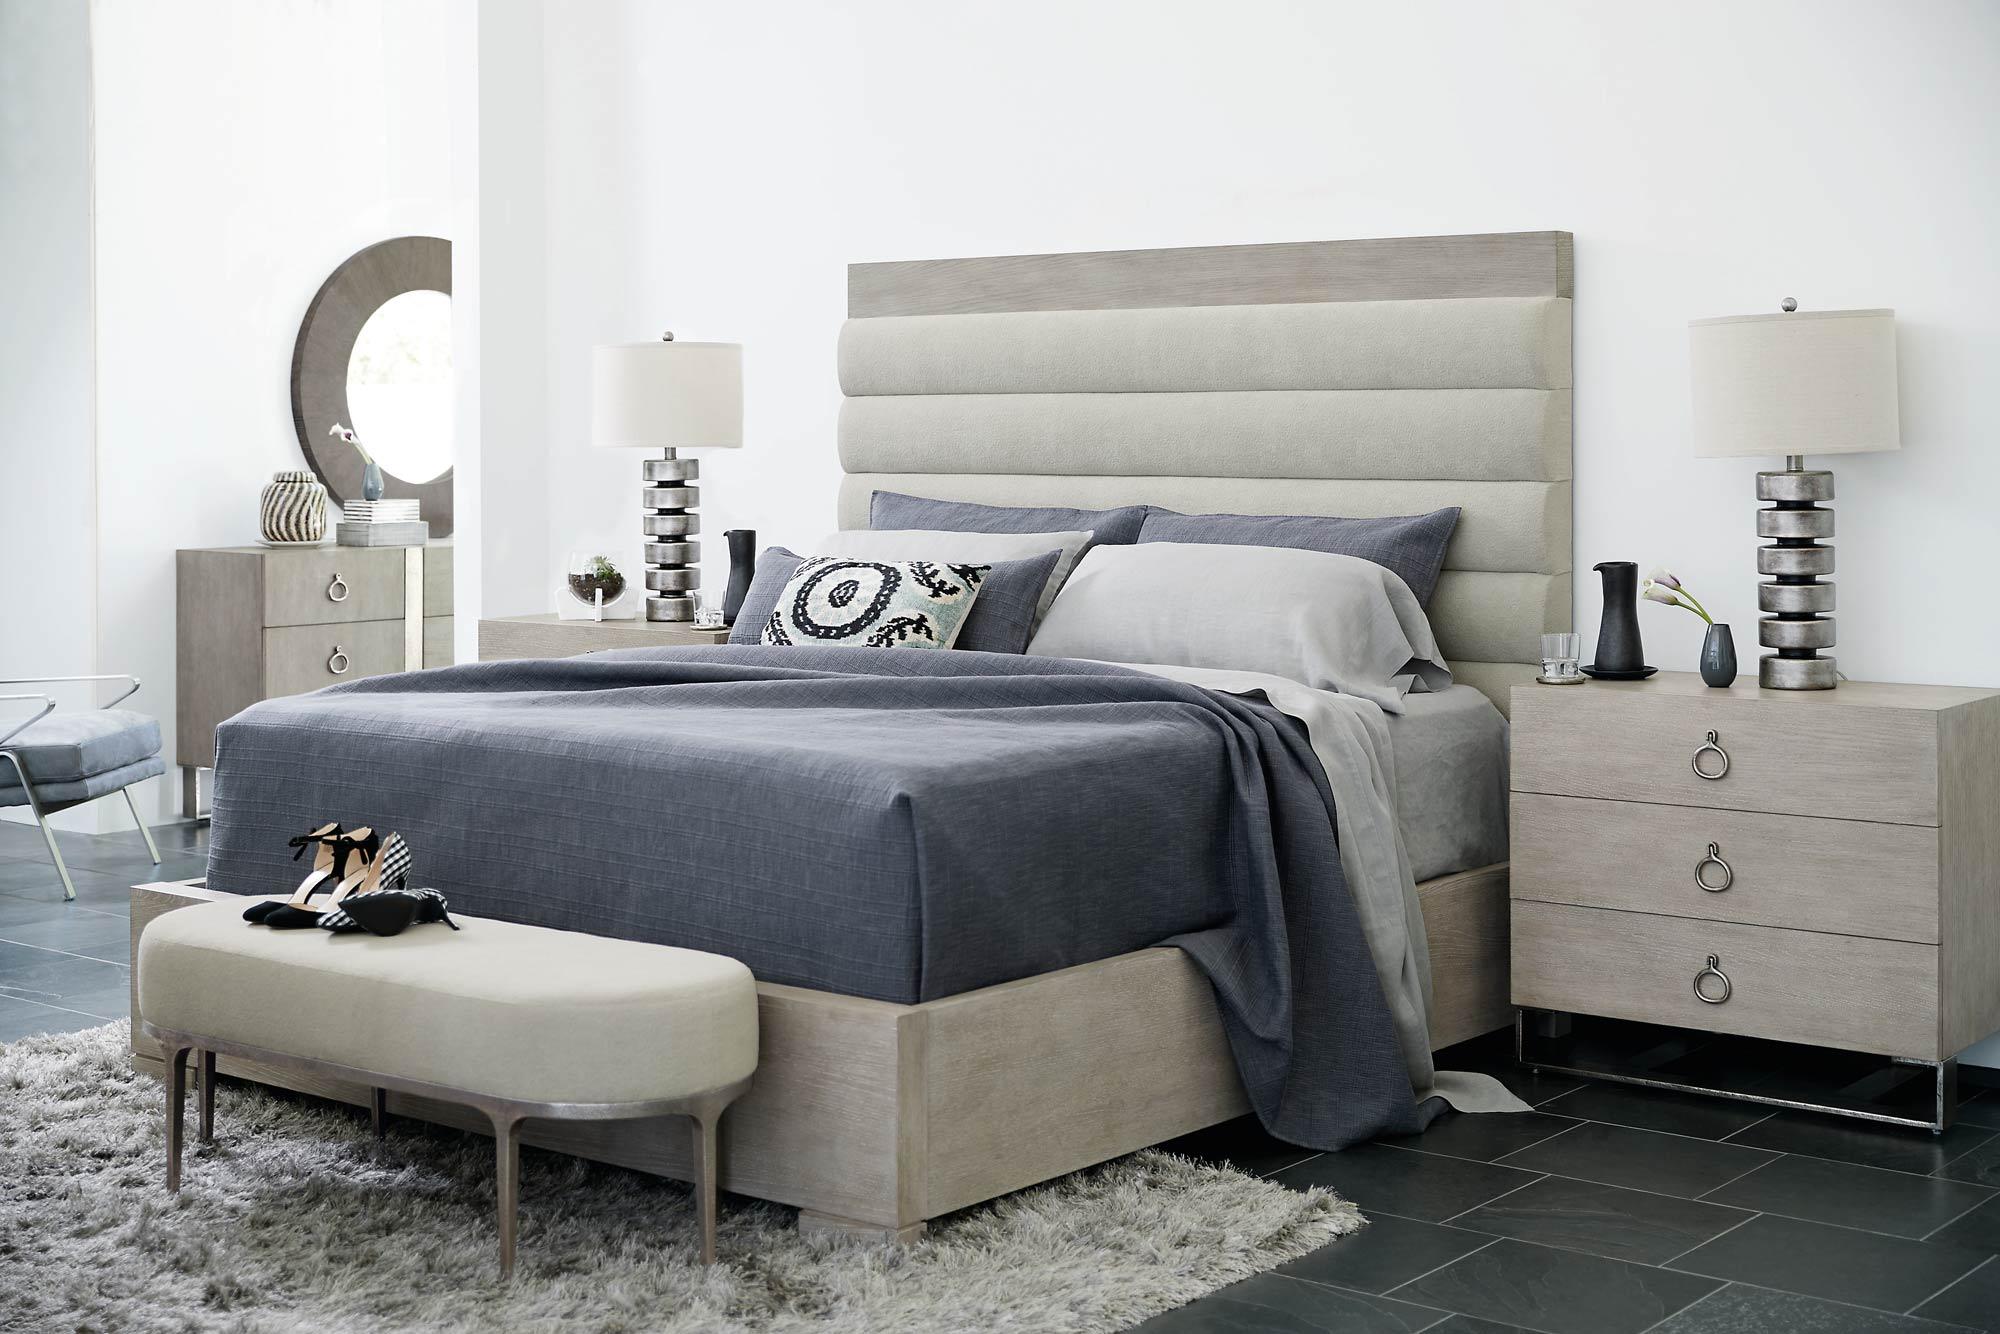 bernhardt_linea_bedroom_image_gallery_06.jpg